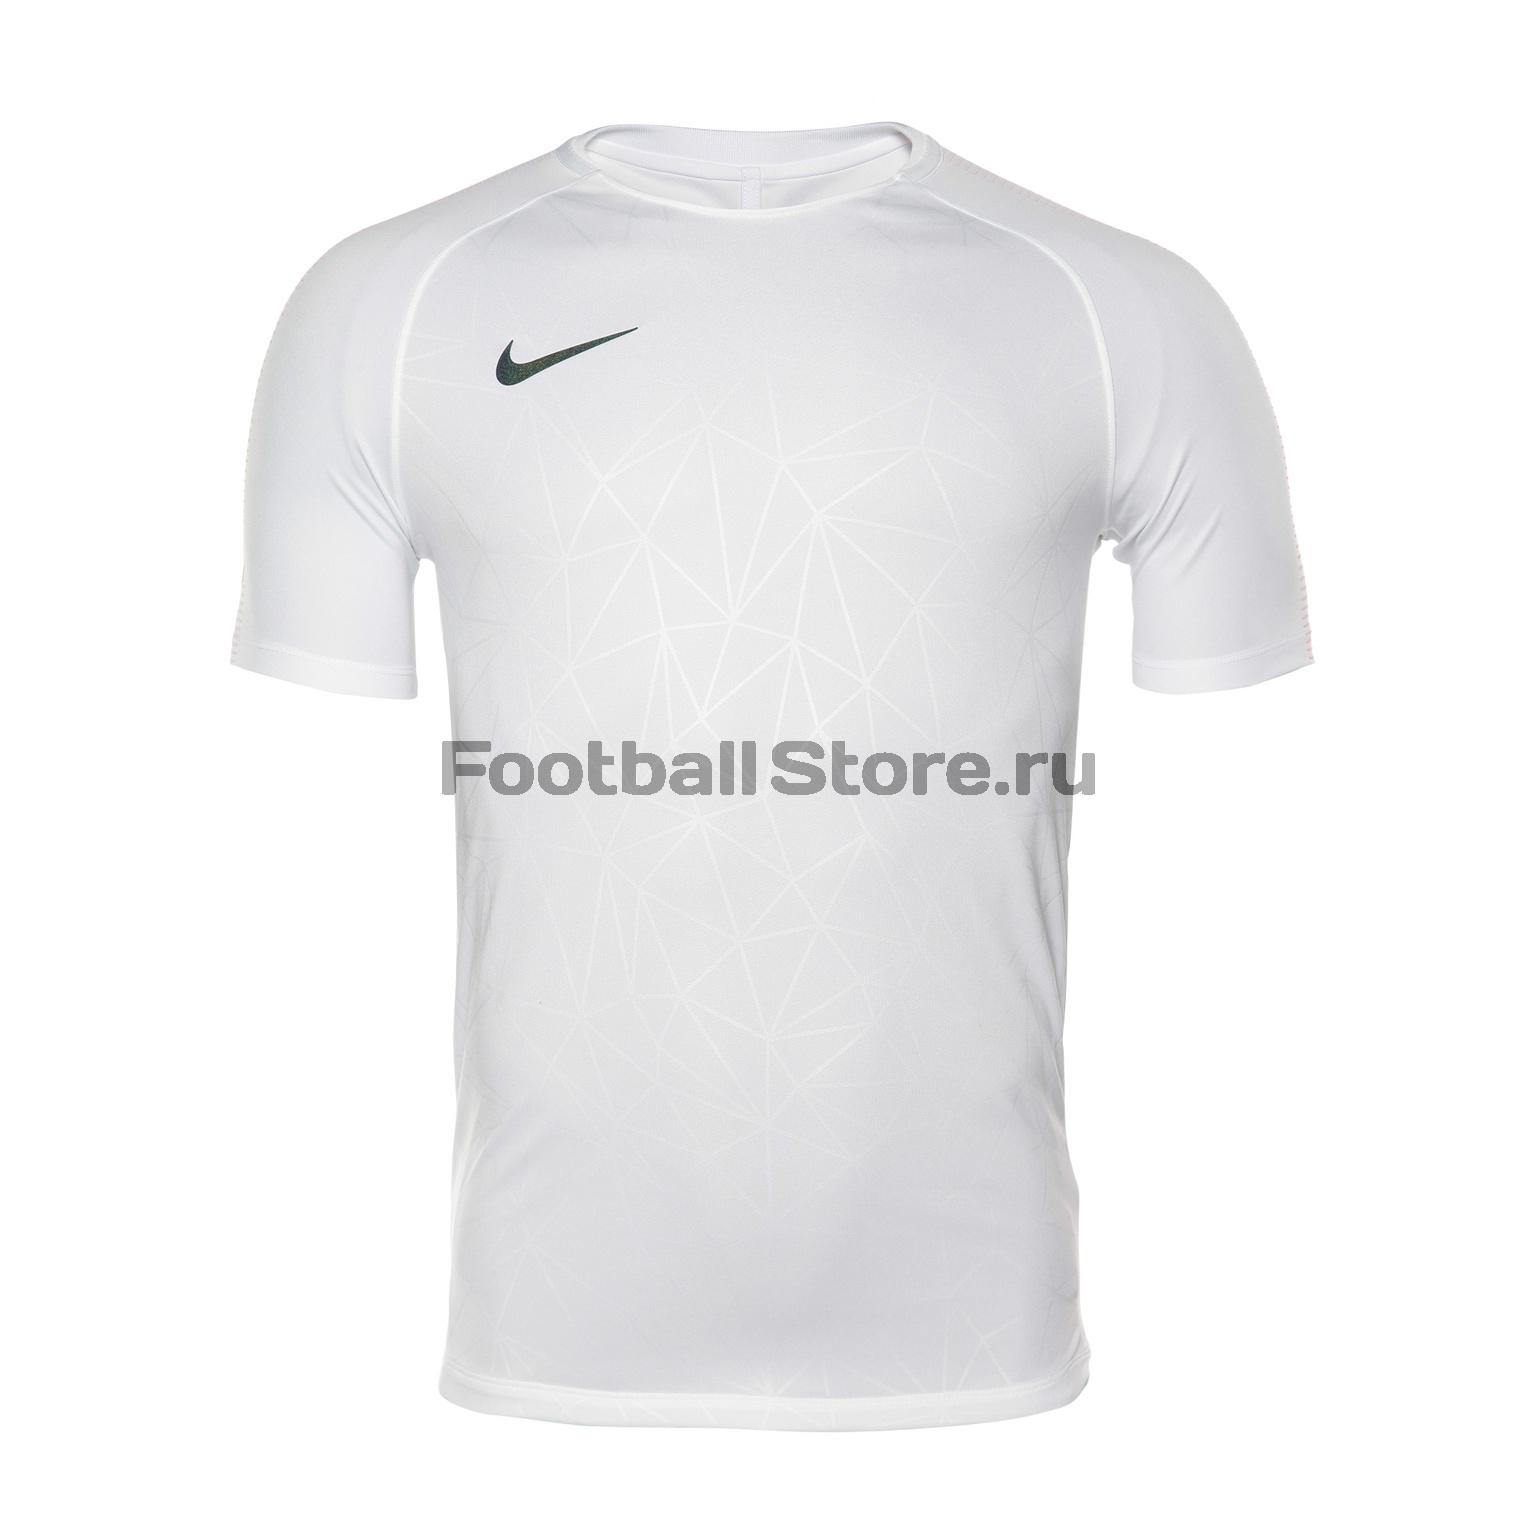 Футболка тренировочная Nike CR7 Squad Top 882991-100 футболки nike футболка тренировочная nike cr7 dry sqd top 845557 457